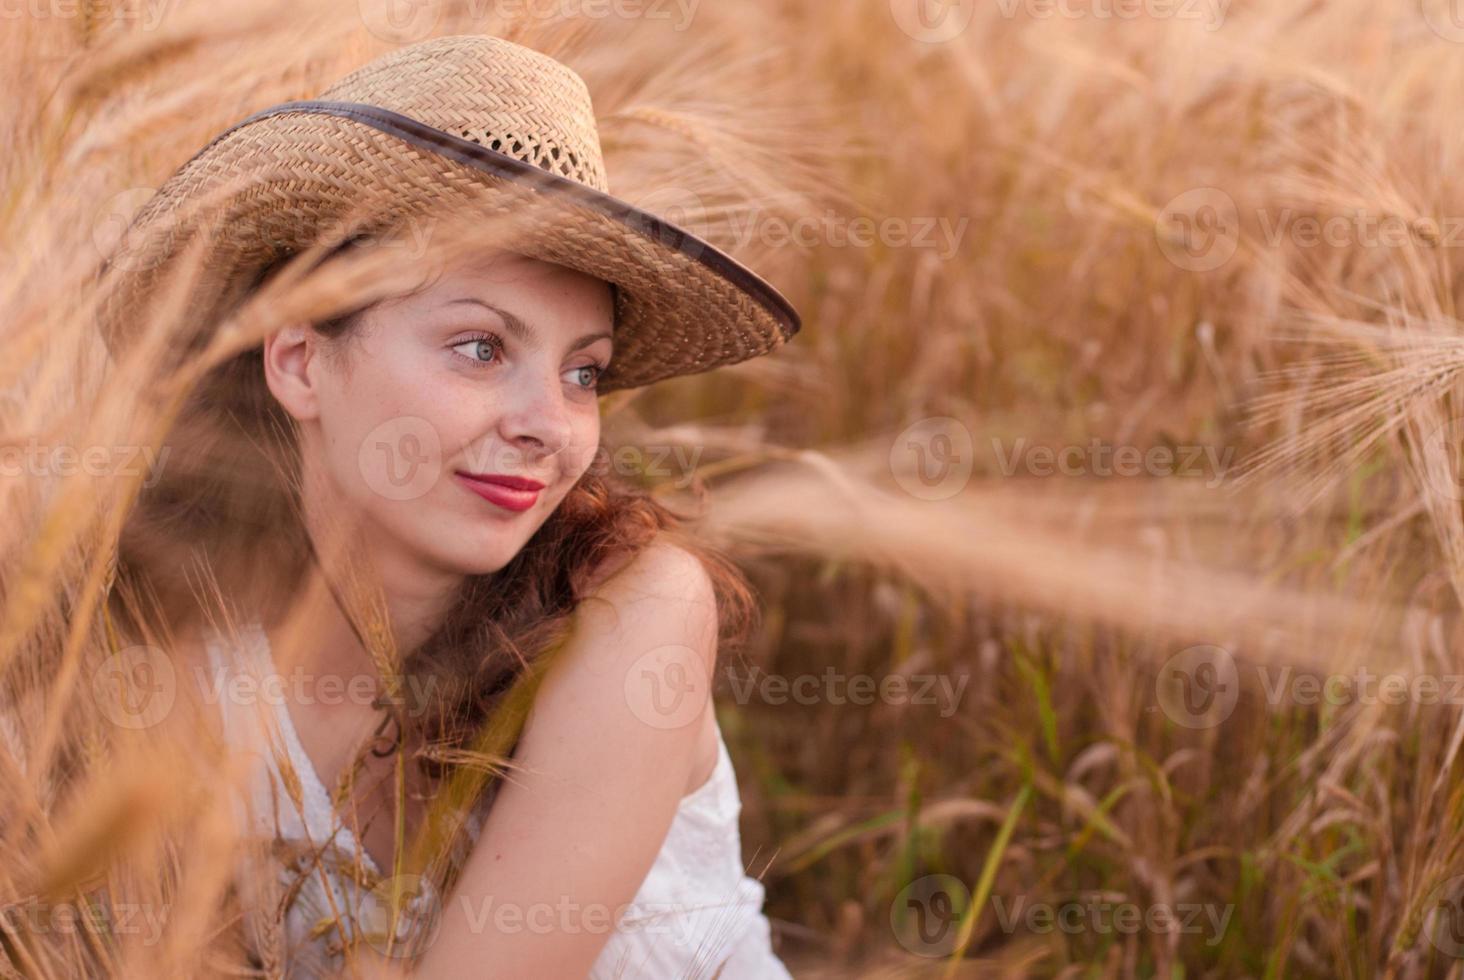 femme dans le champ de blé photo